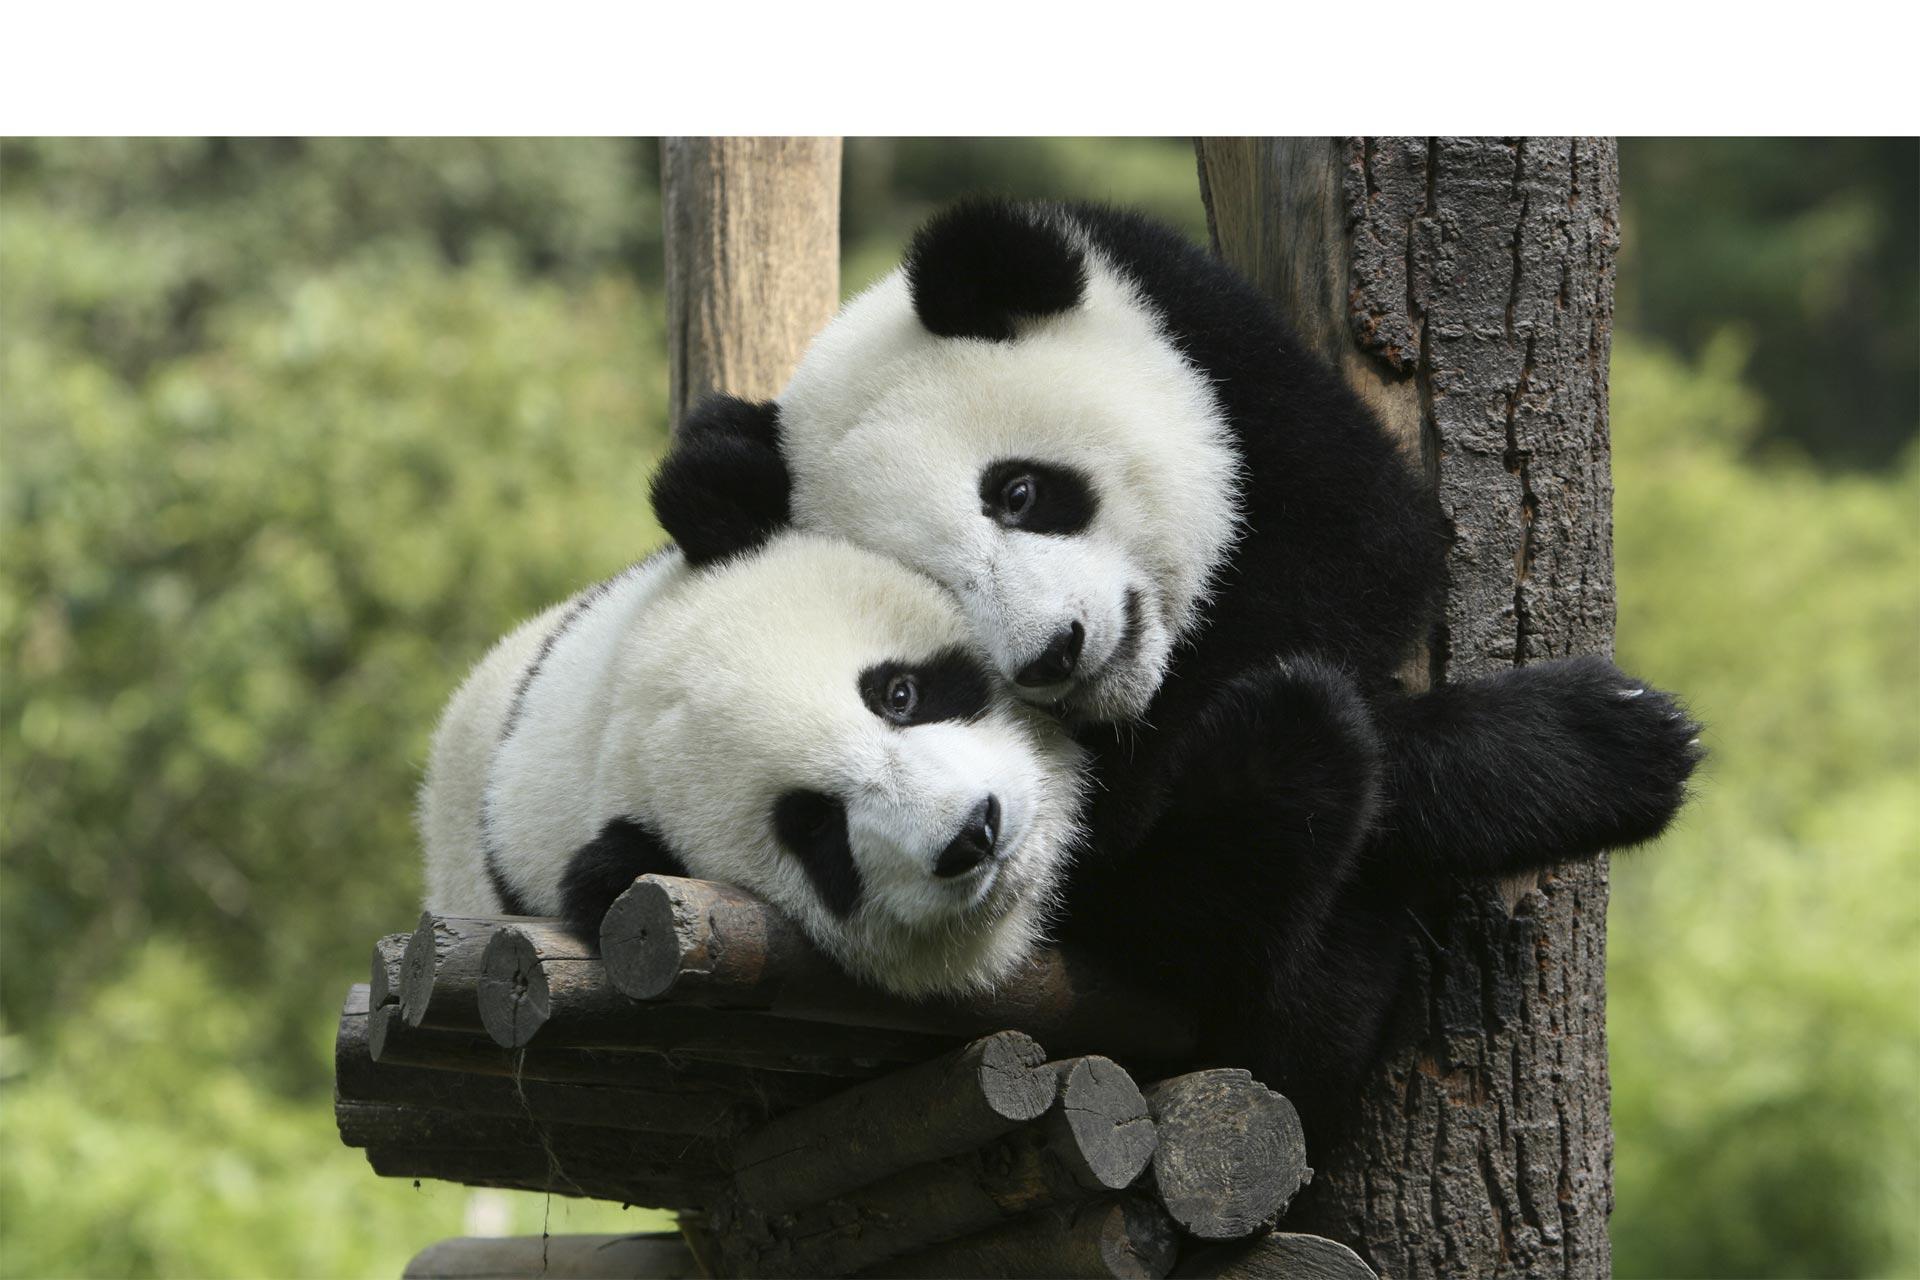 Este año se romperá un nuevo récord en nacimientos de pandas concebidos con inseminación artificial